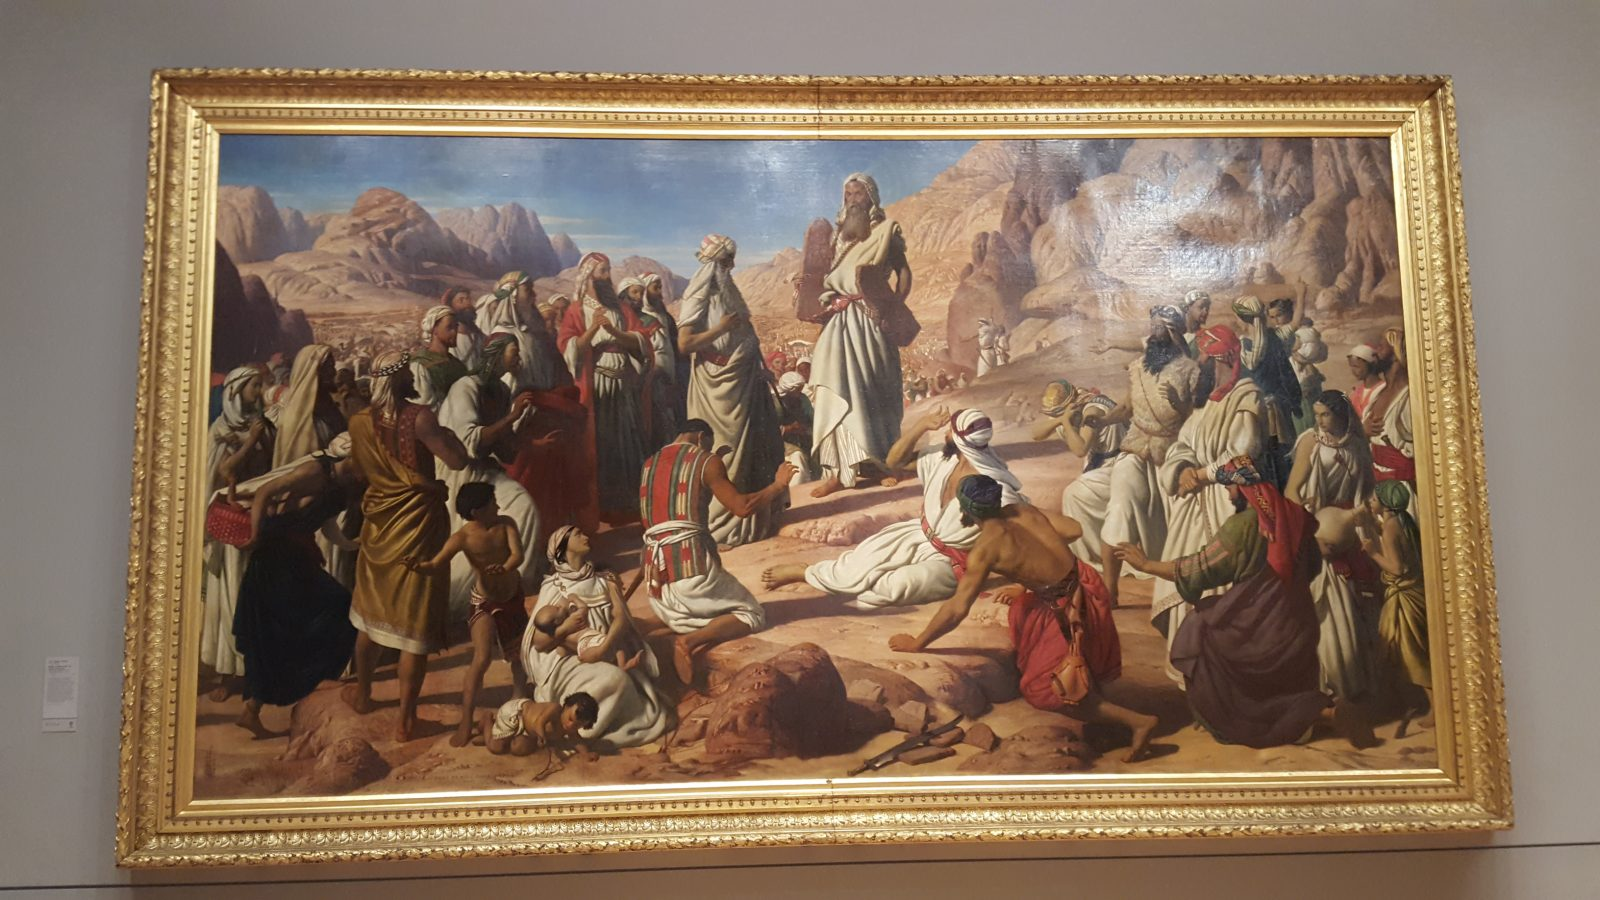 Moïse tables de la loi